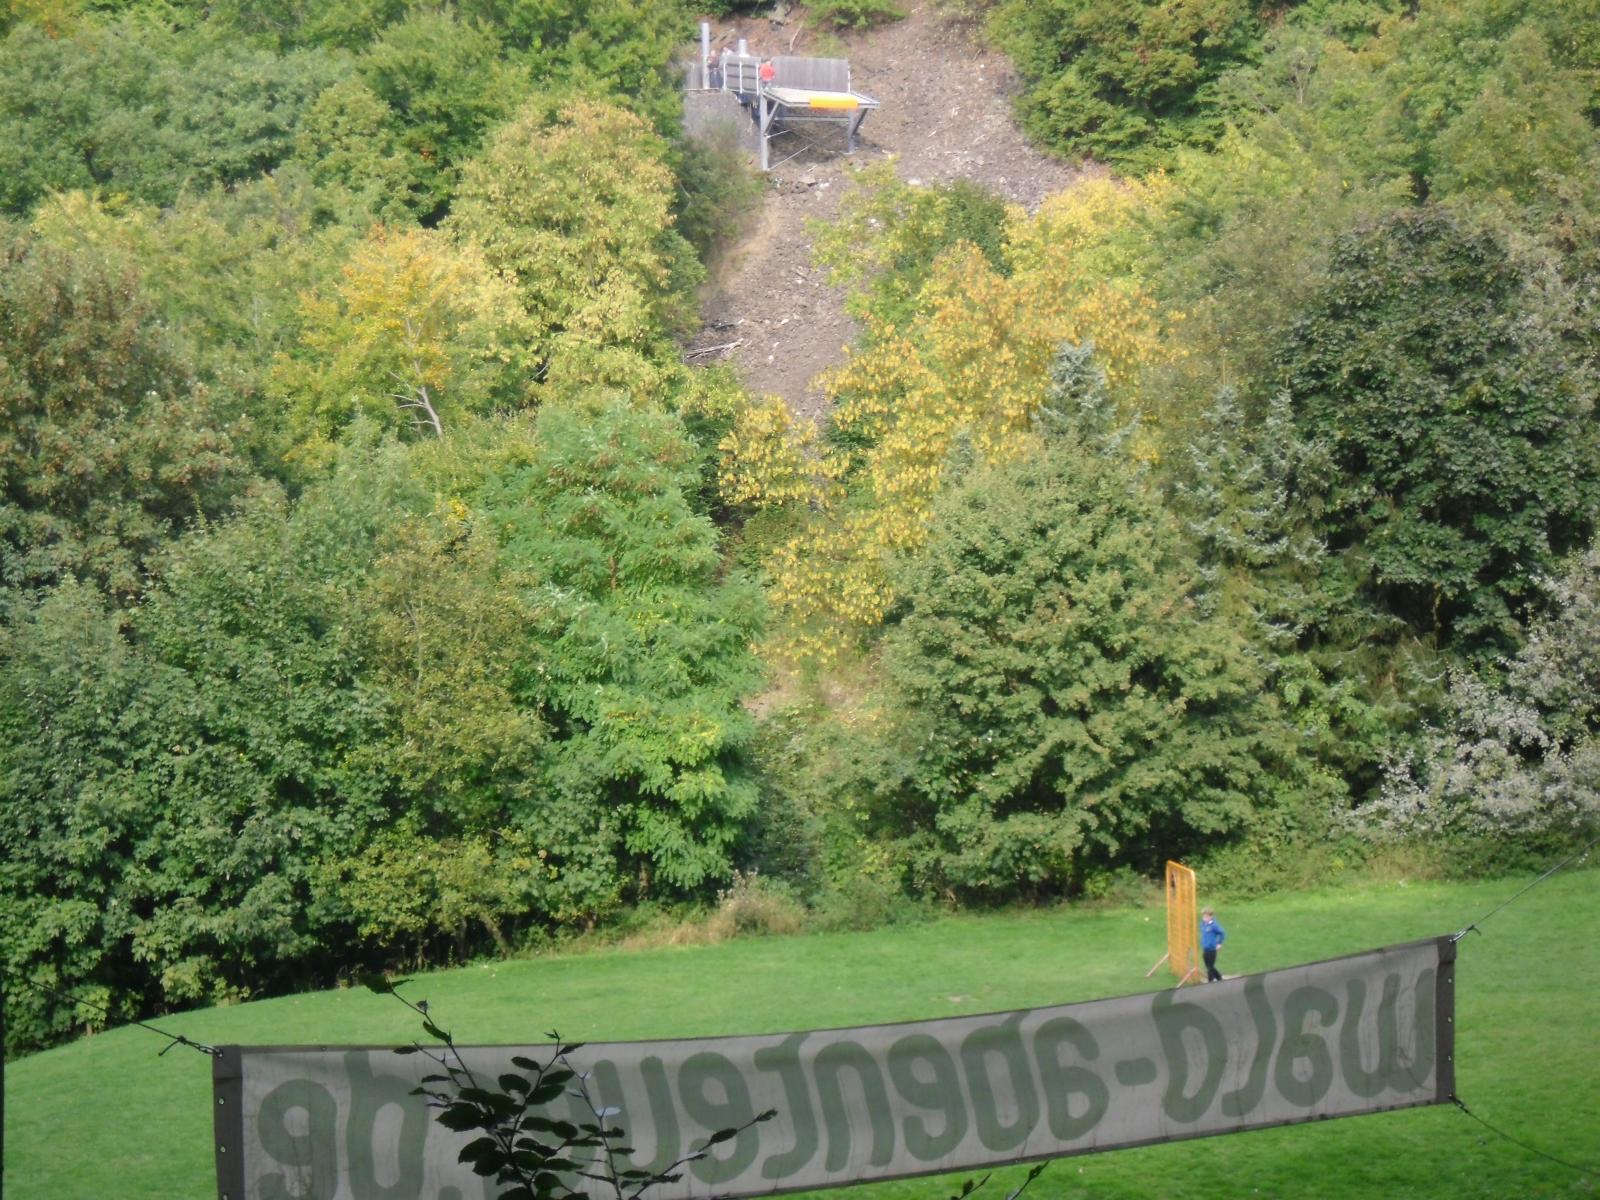 Kletterwald2013 - 062